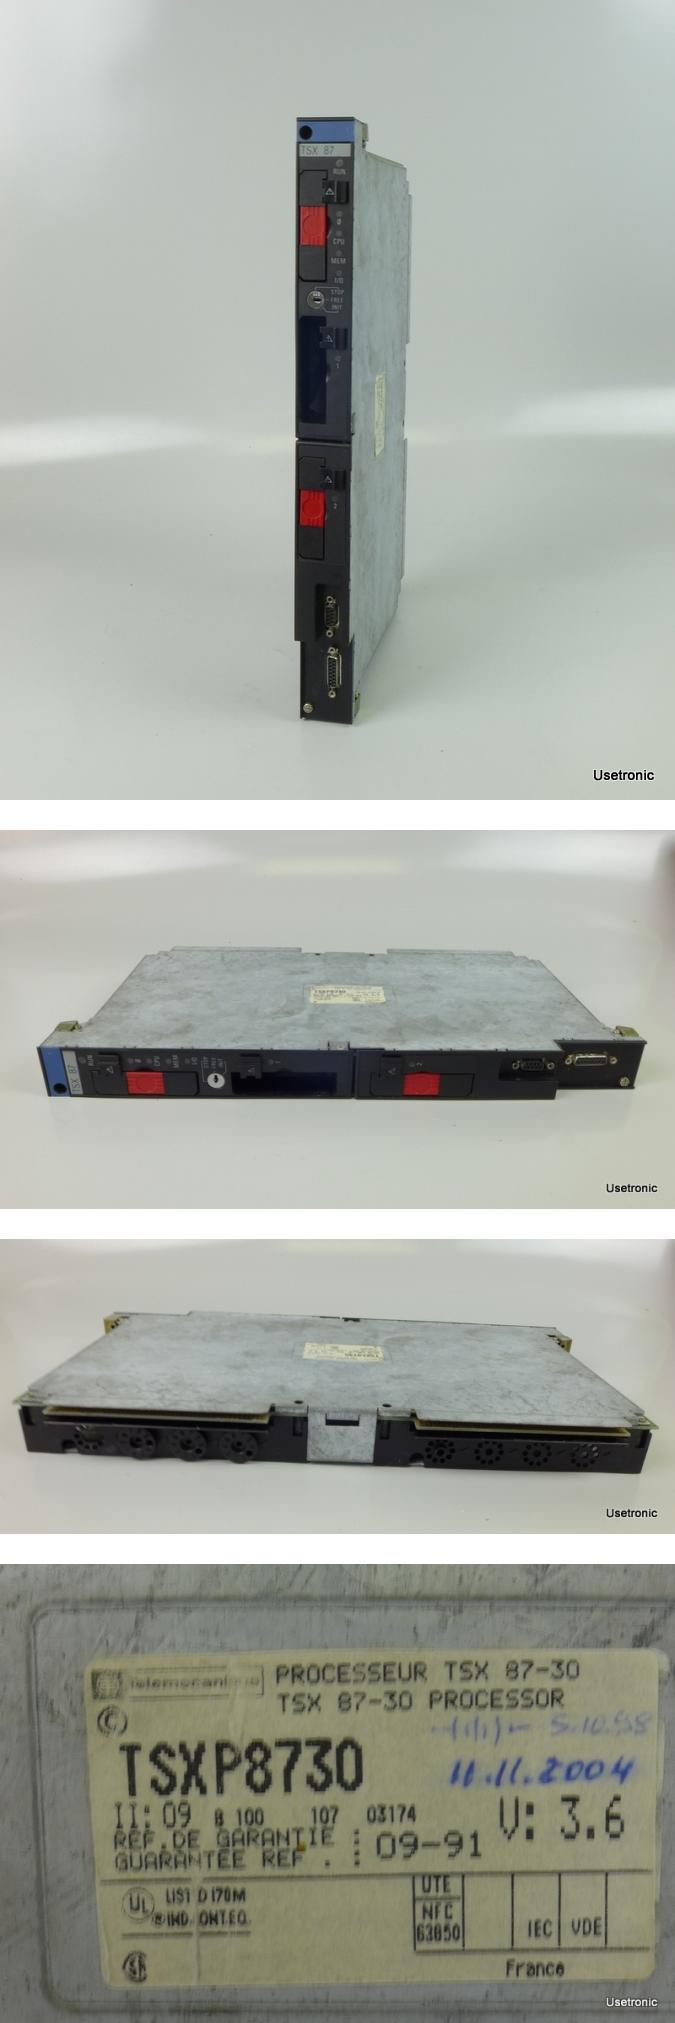 Telemecanique TSXP8730